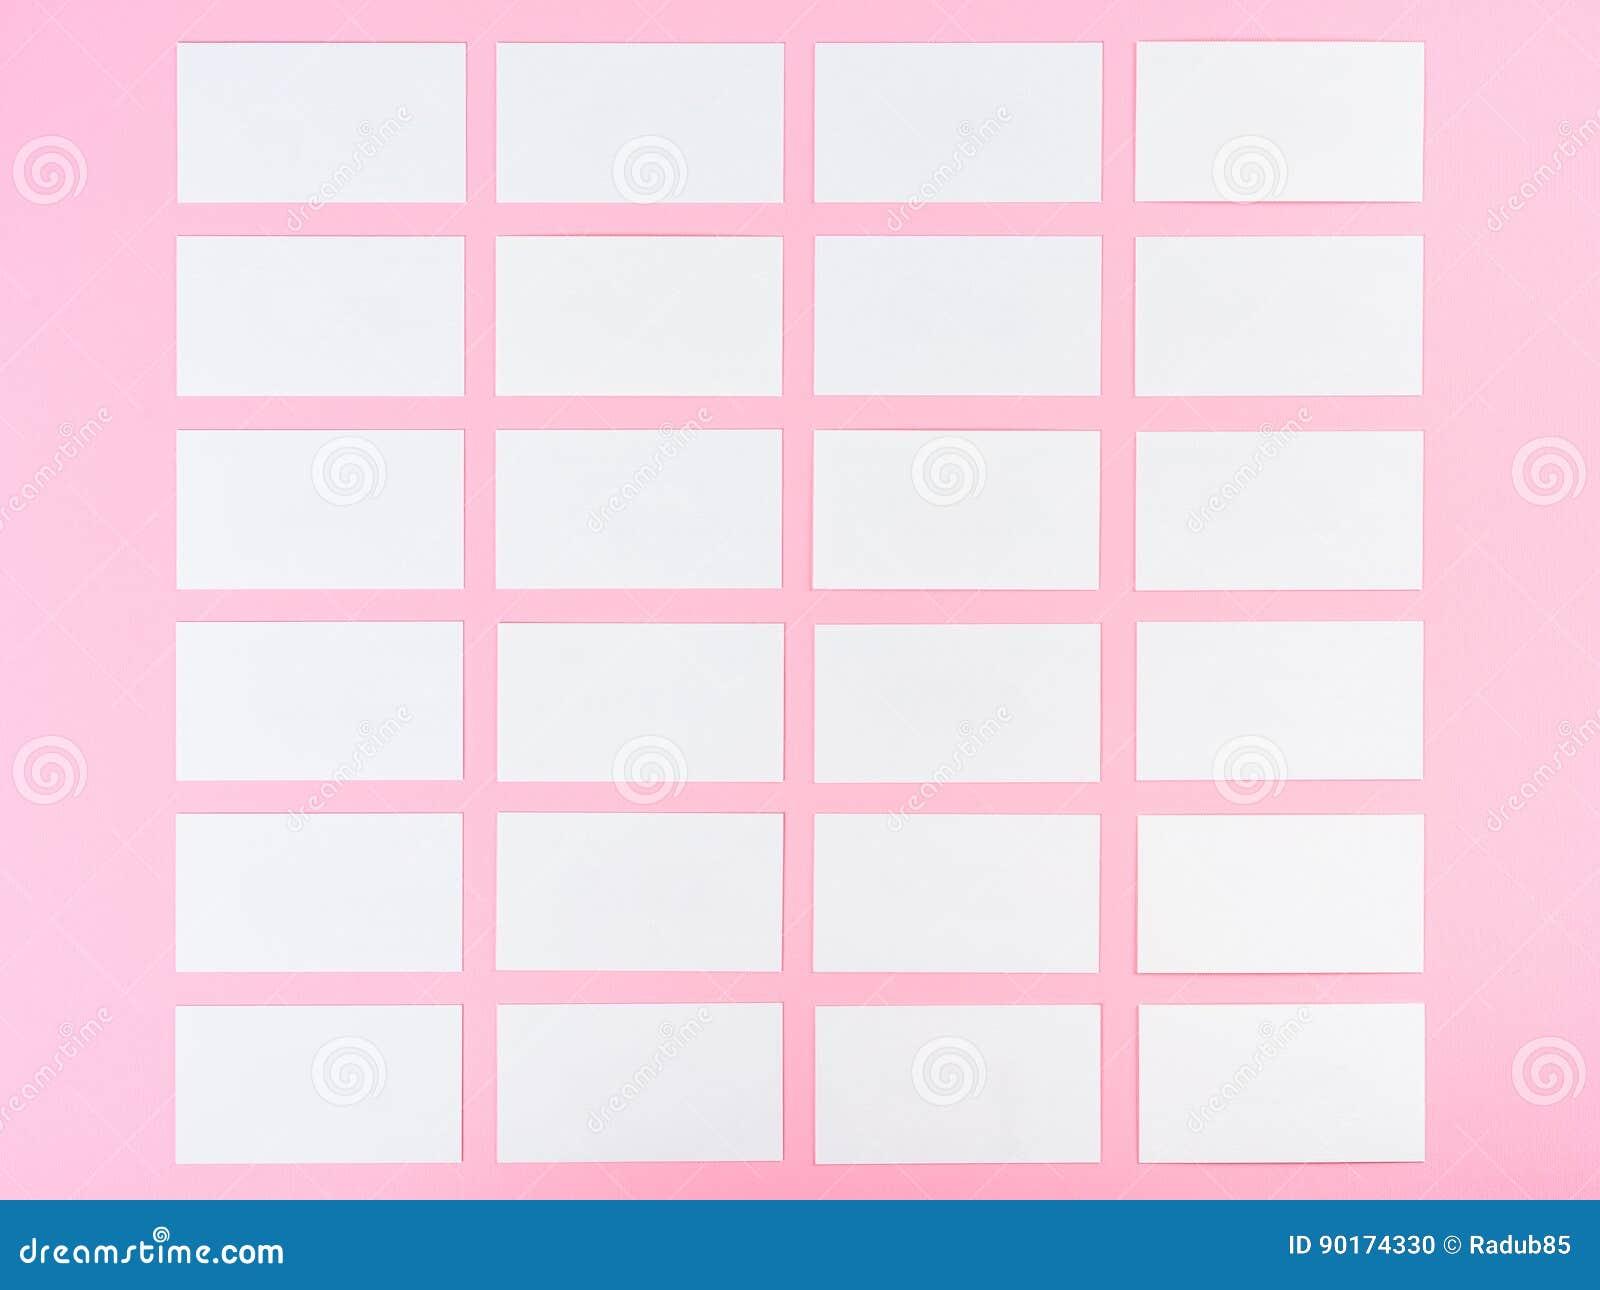 Cartes De Visite Professionnelle Vierges Blanches Sur Le Fond Rose Avec La Texture